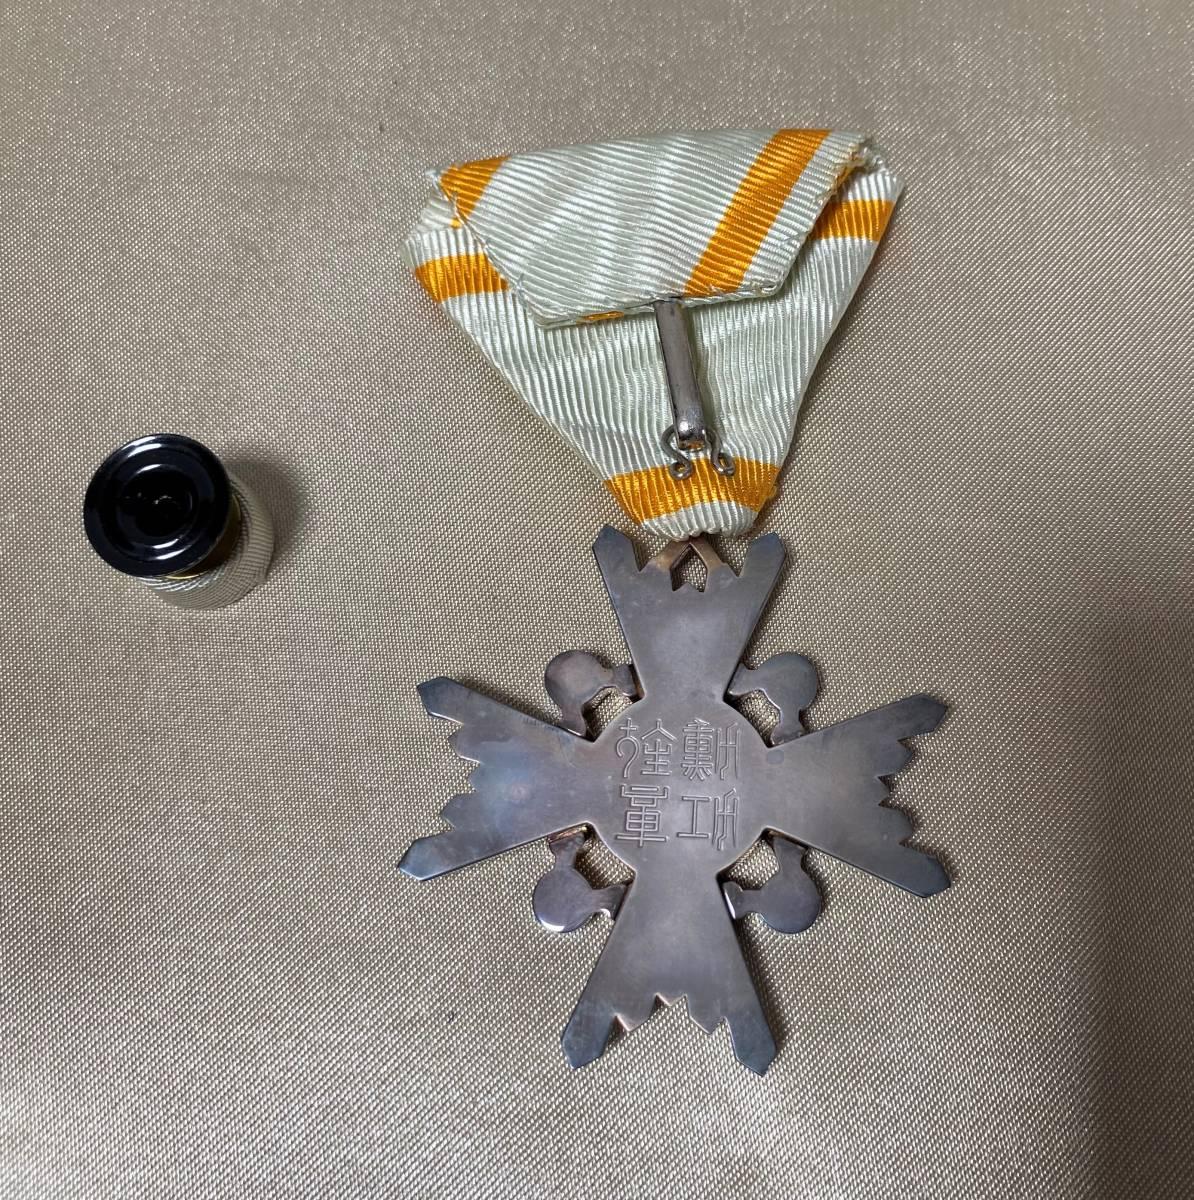 勲五等瑞宝章 勲章 旧日本軍 軍隊 大日本帝国